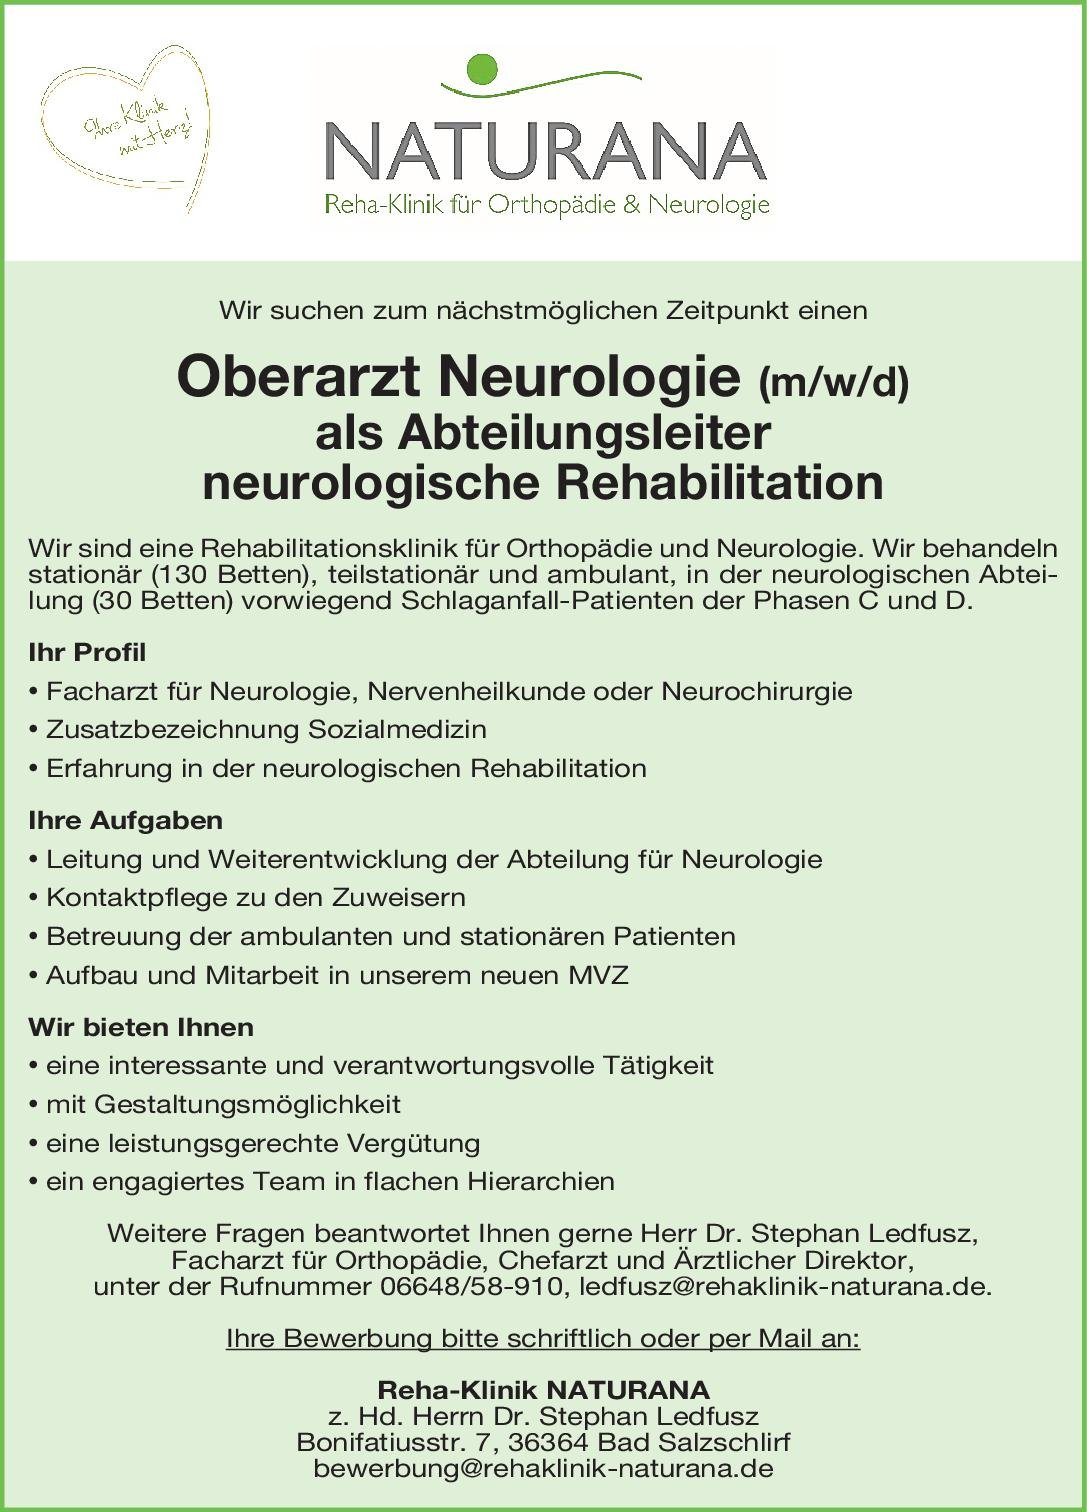 Reha-Klinik NATURANA Oberarzt Neurologie (m/w/d) als Abteilungsleiter neurologische Rehabilitation Neurologie Oberarzt